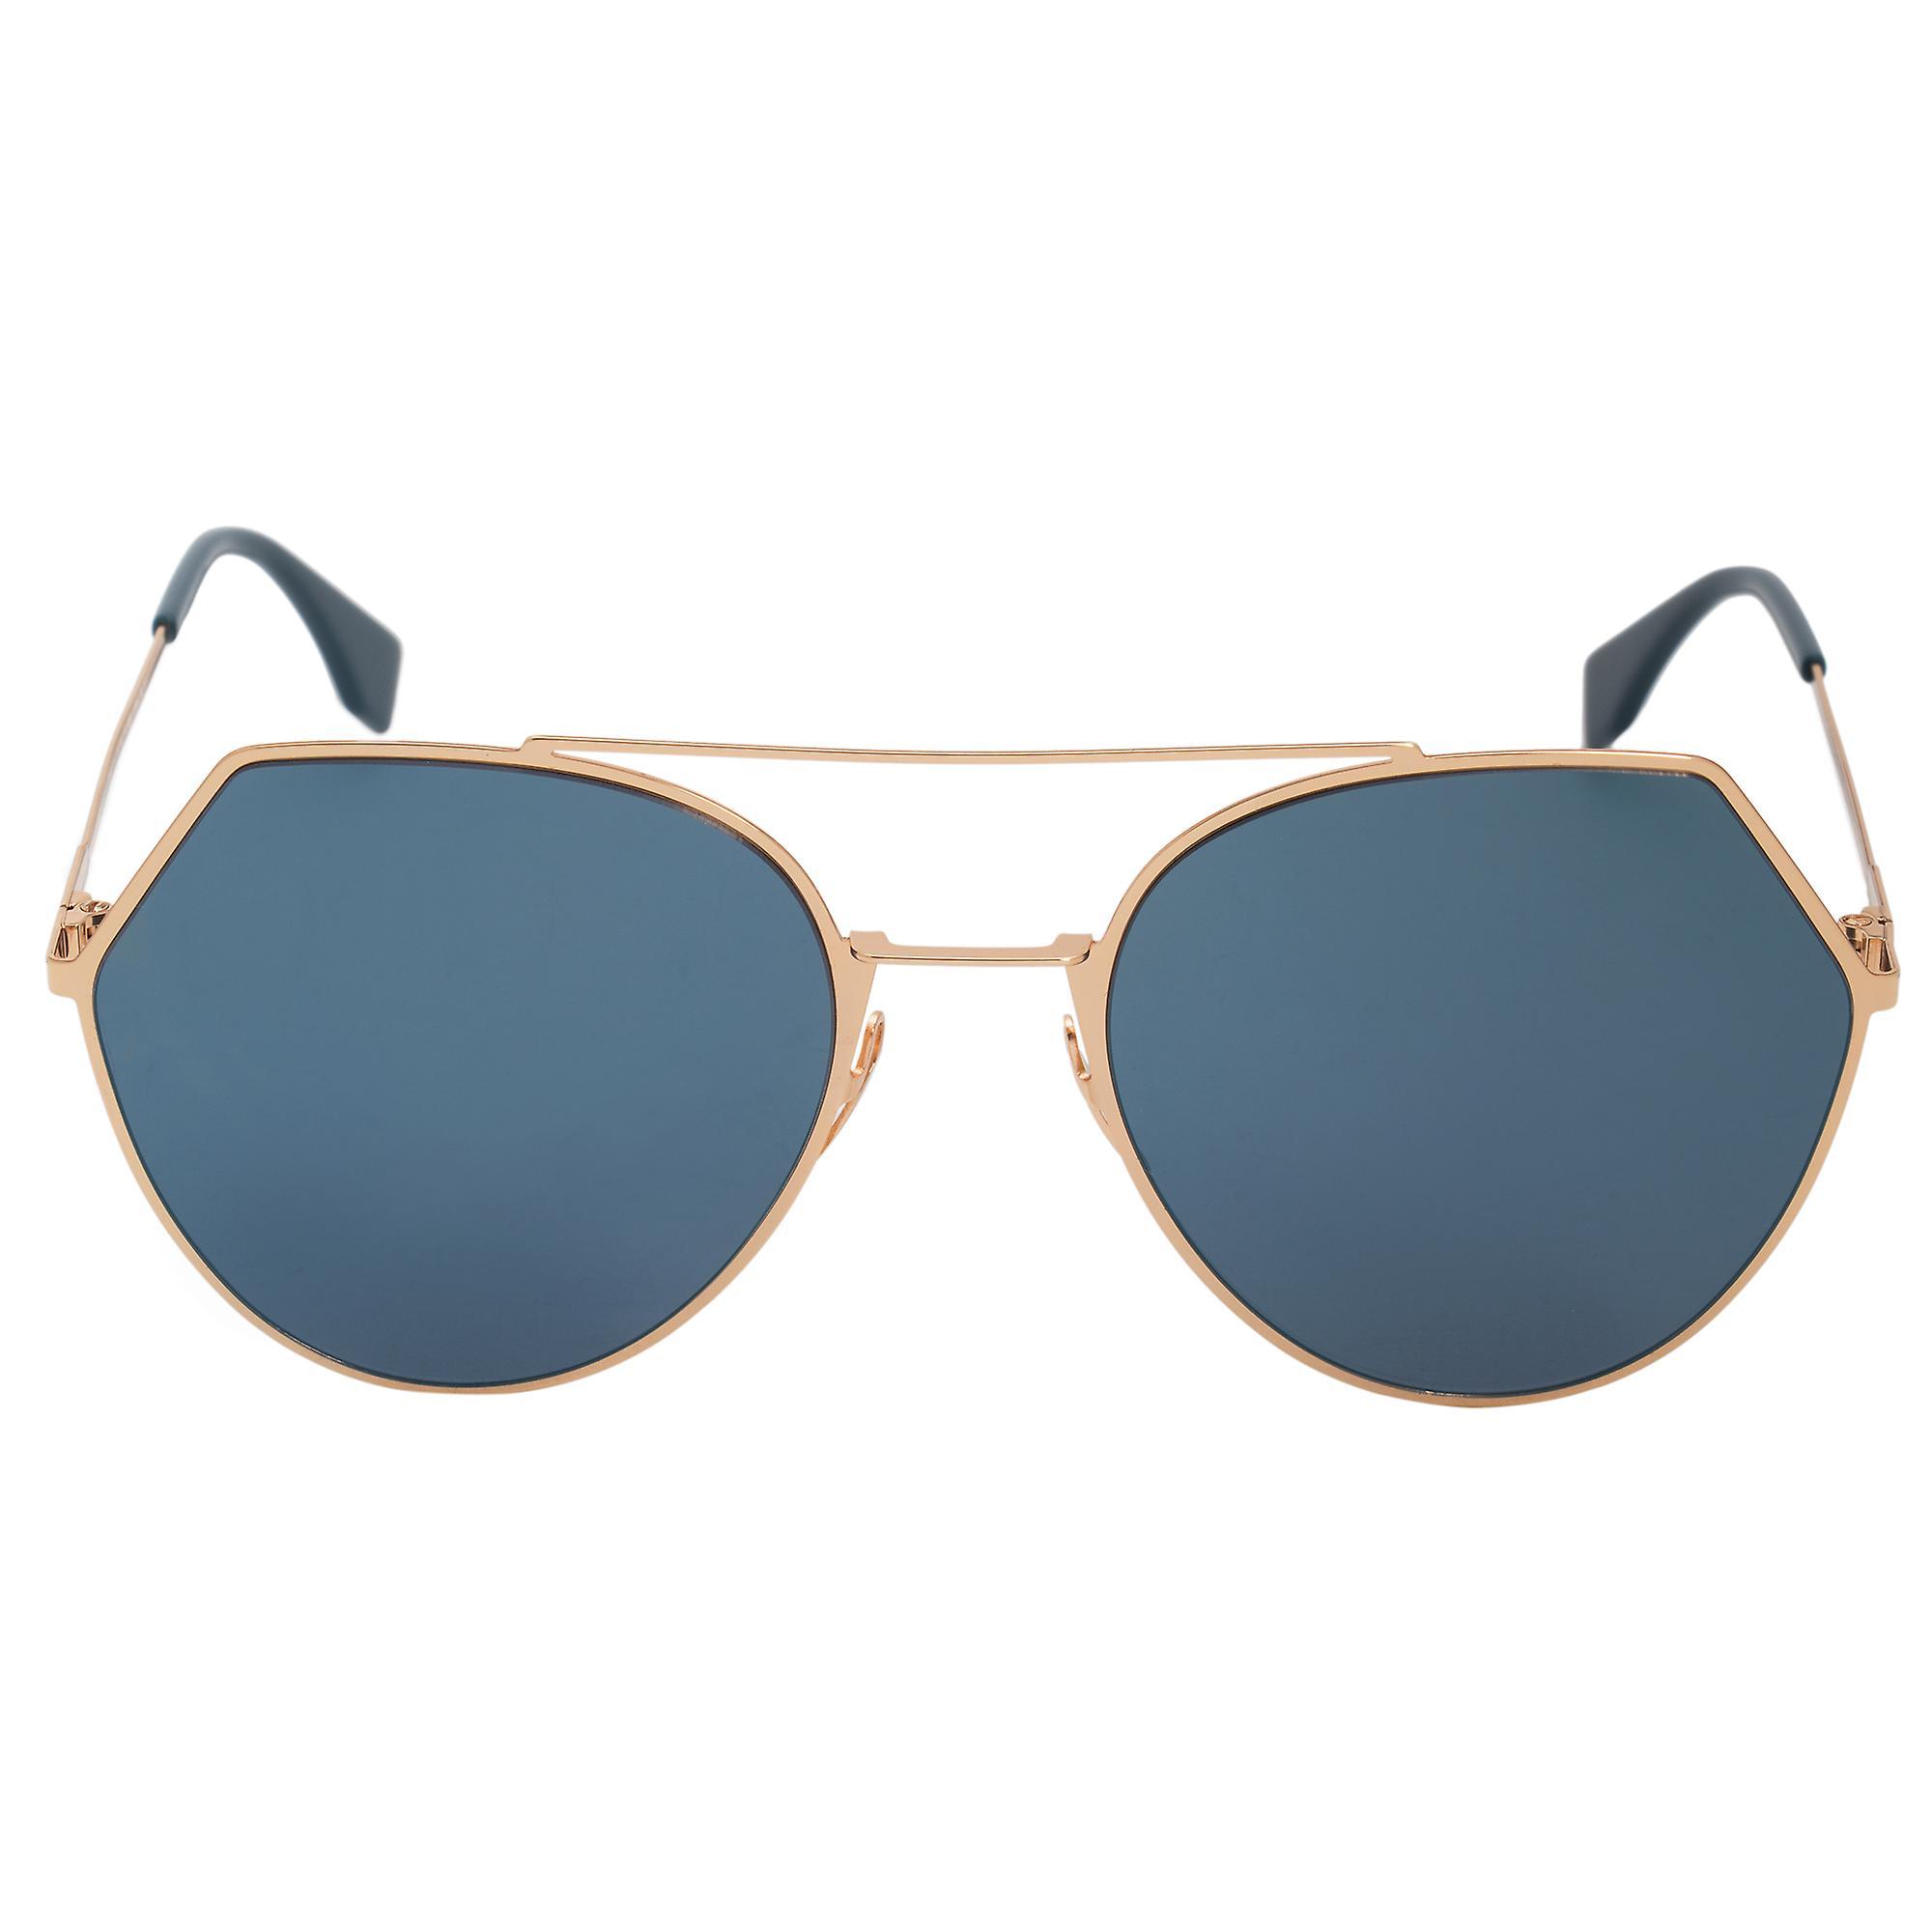 Fendi Eyeline lunettes de soleil pilote FF0194S 2 a 000 55